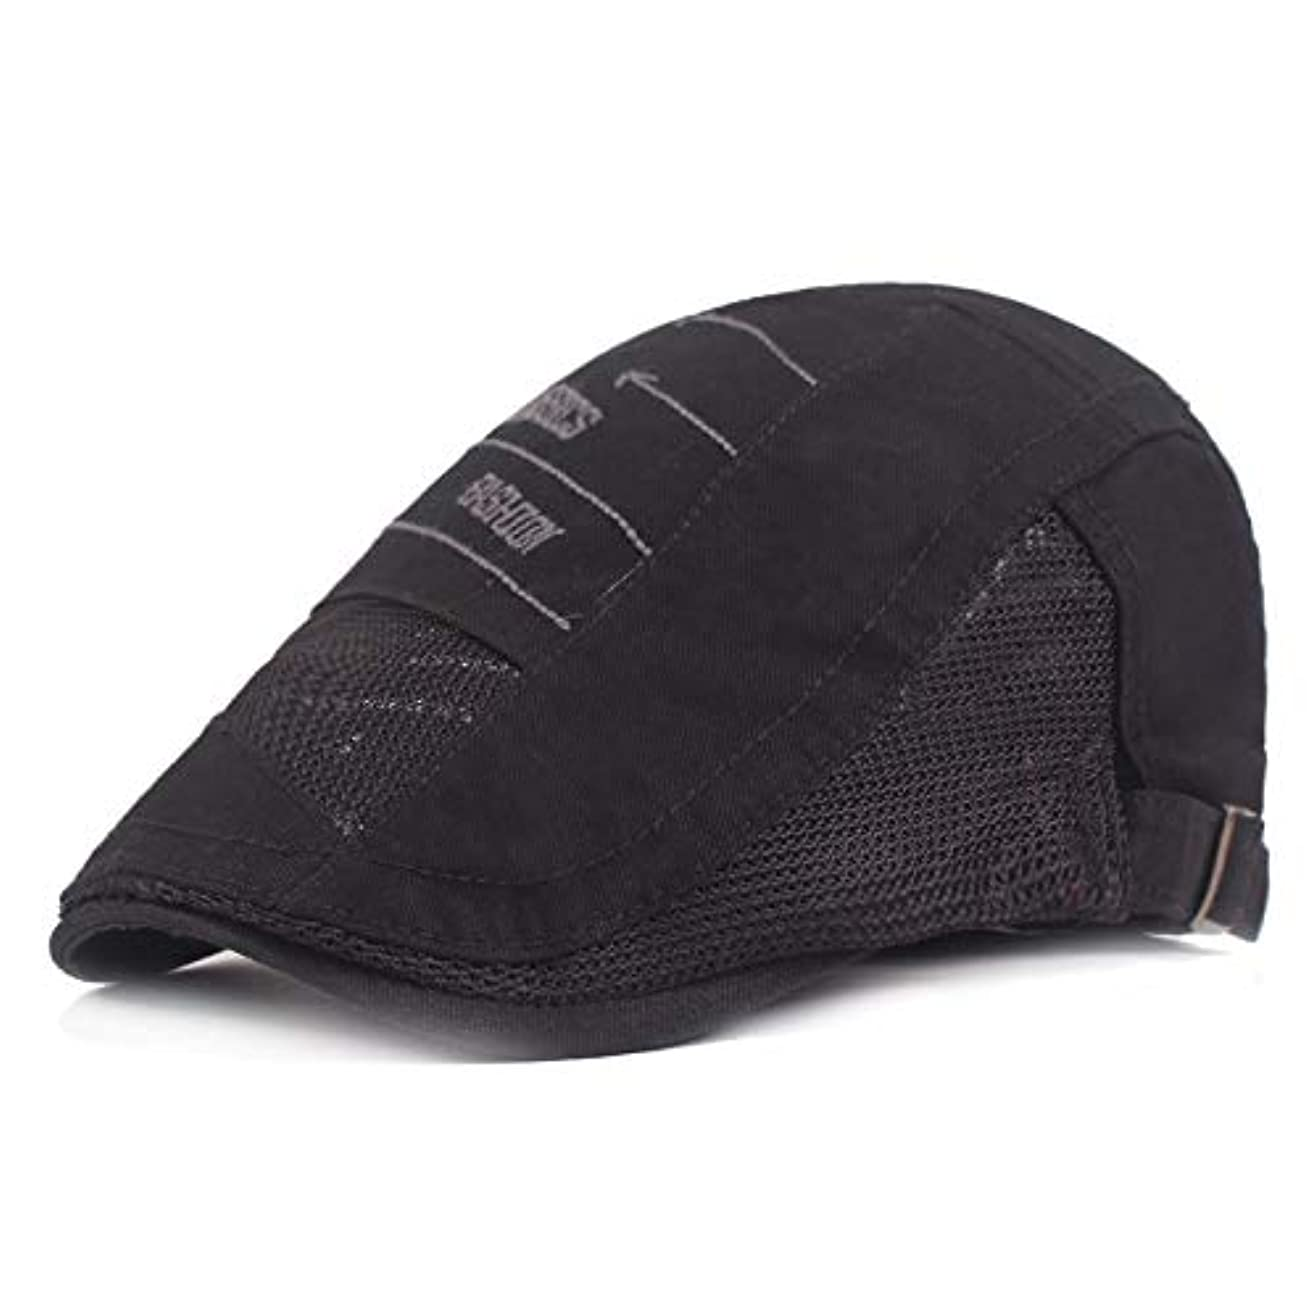 小間ボット放散するサマー ベレー帽 メッシュ キャスケットハンチング帽 メンズ レディース ハット トレッキング日よけ 帽子